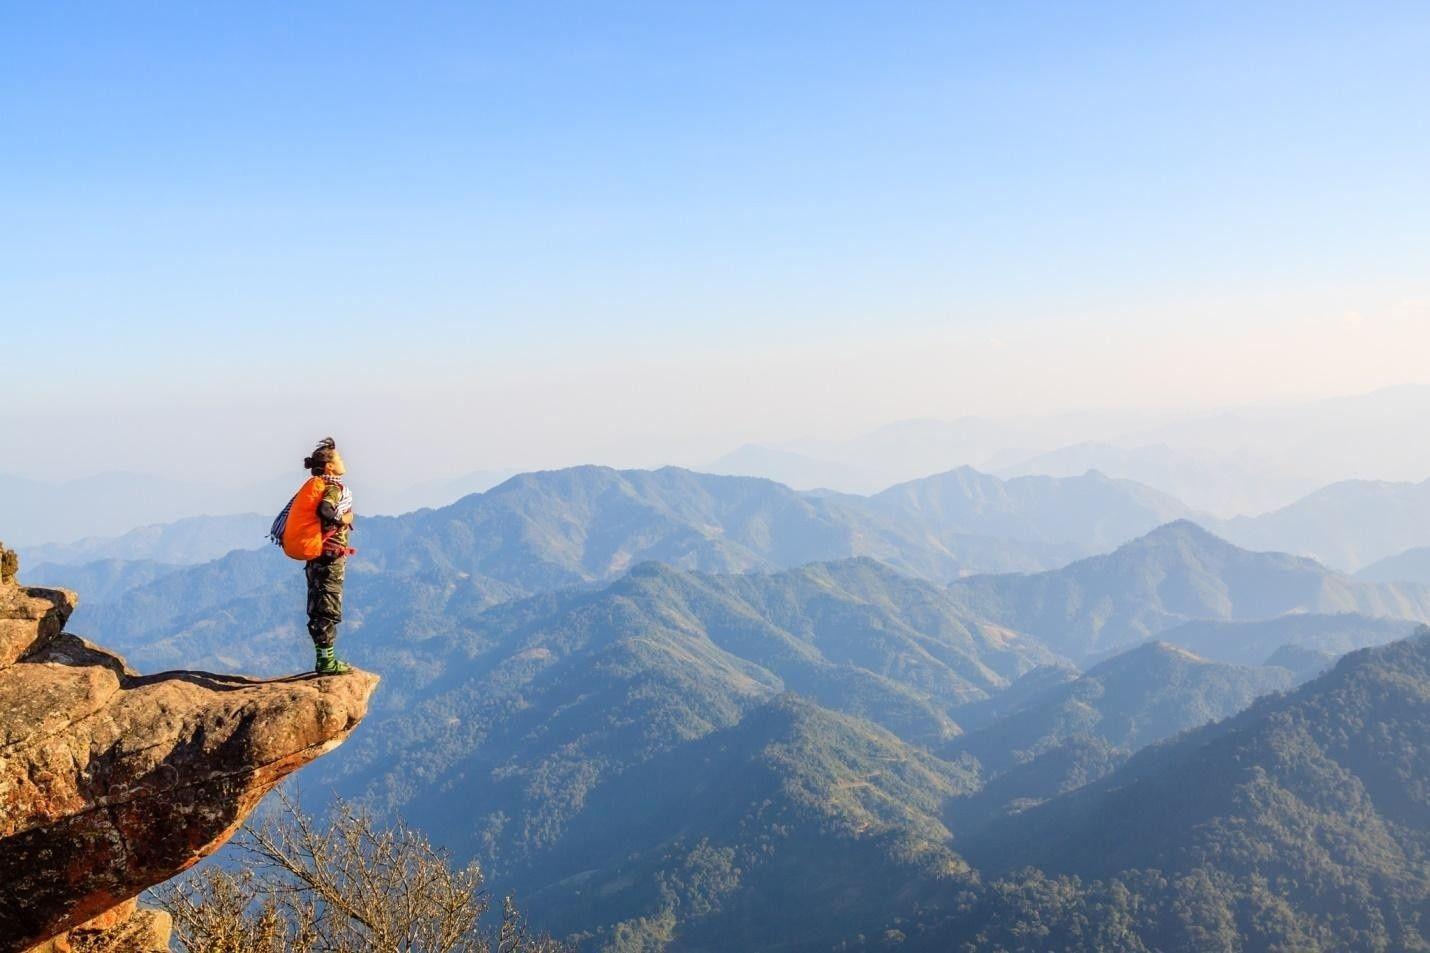 thời điểm nào thích hợp leo núi ở việt nam